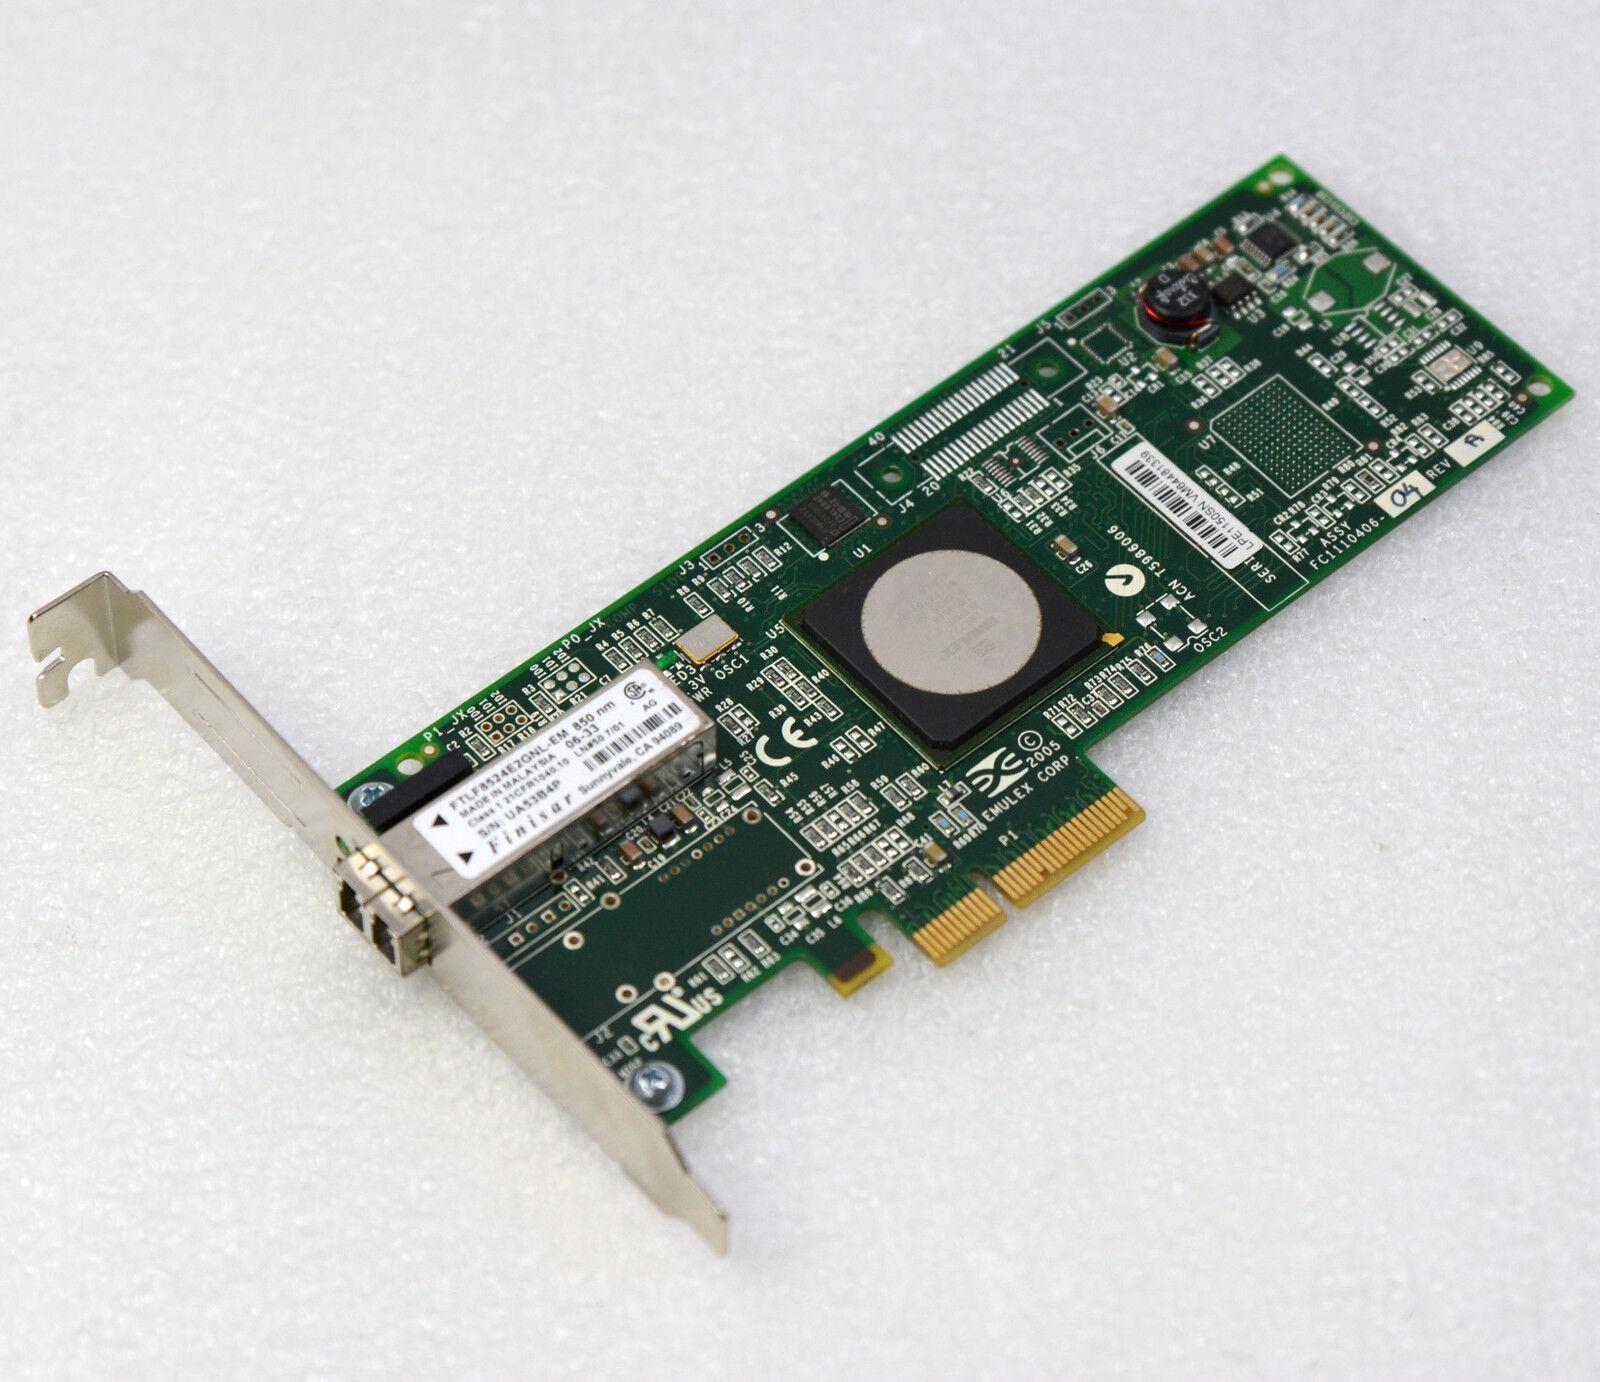 4GBit Network Card Fibre Channel Pci-E FC1120005-04A A8002-60001 397739-001 NW5